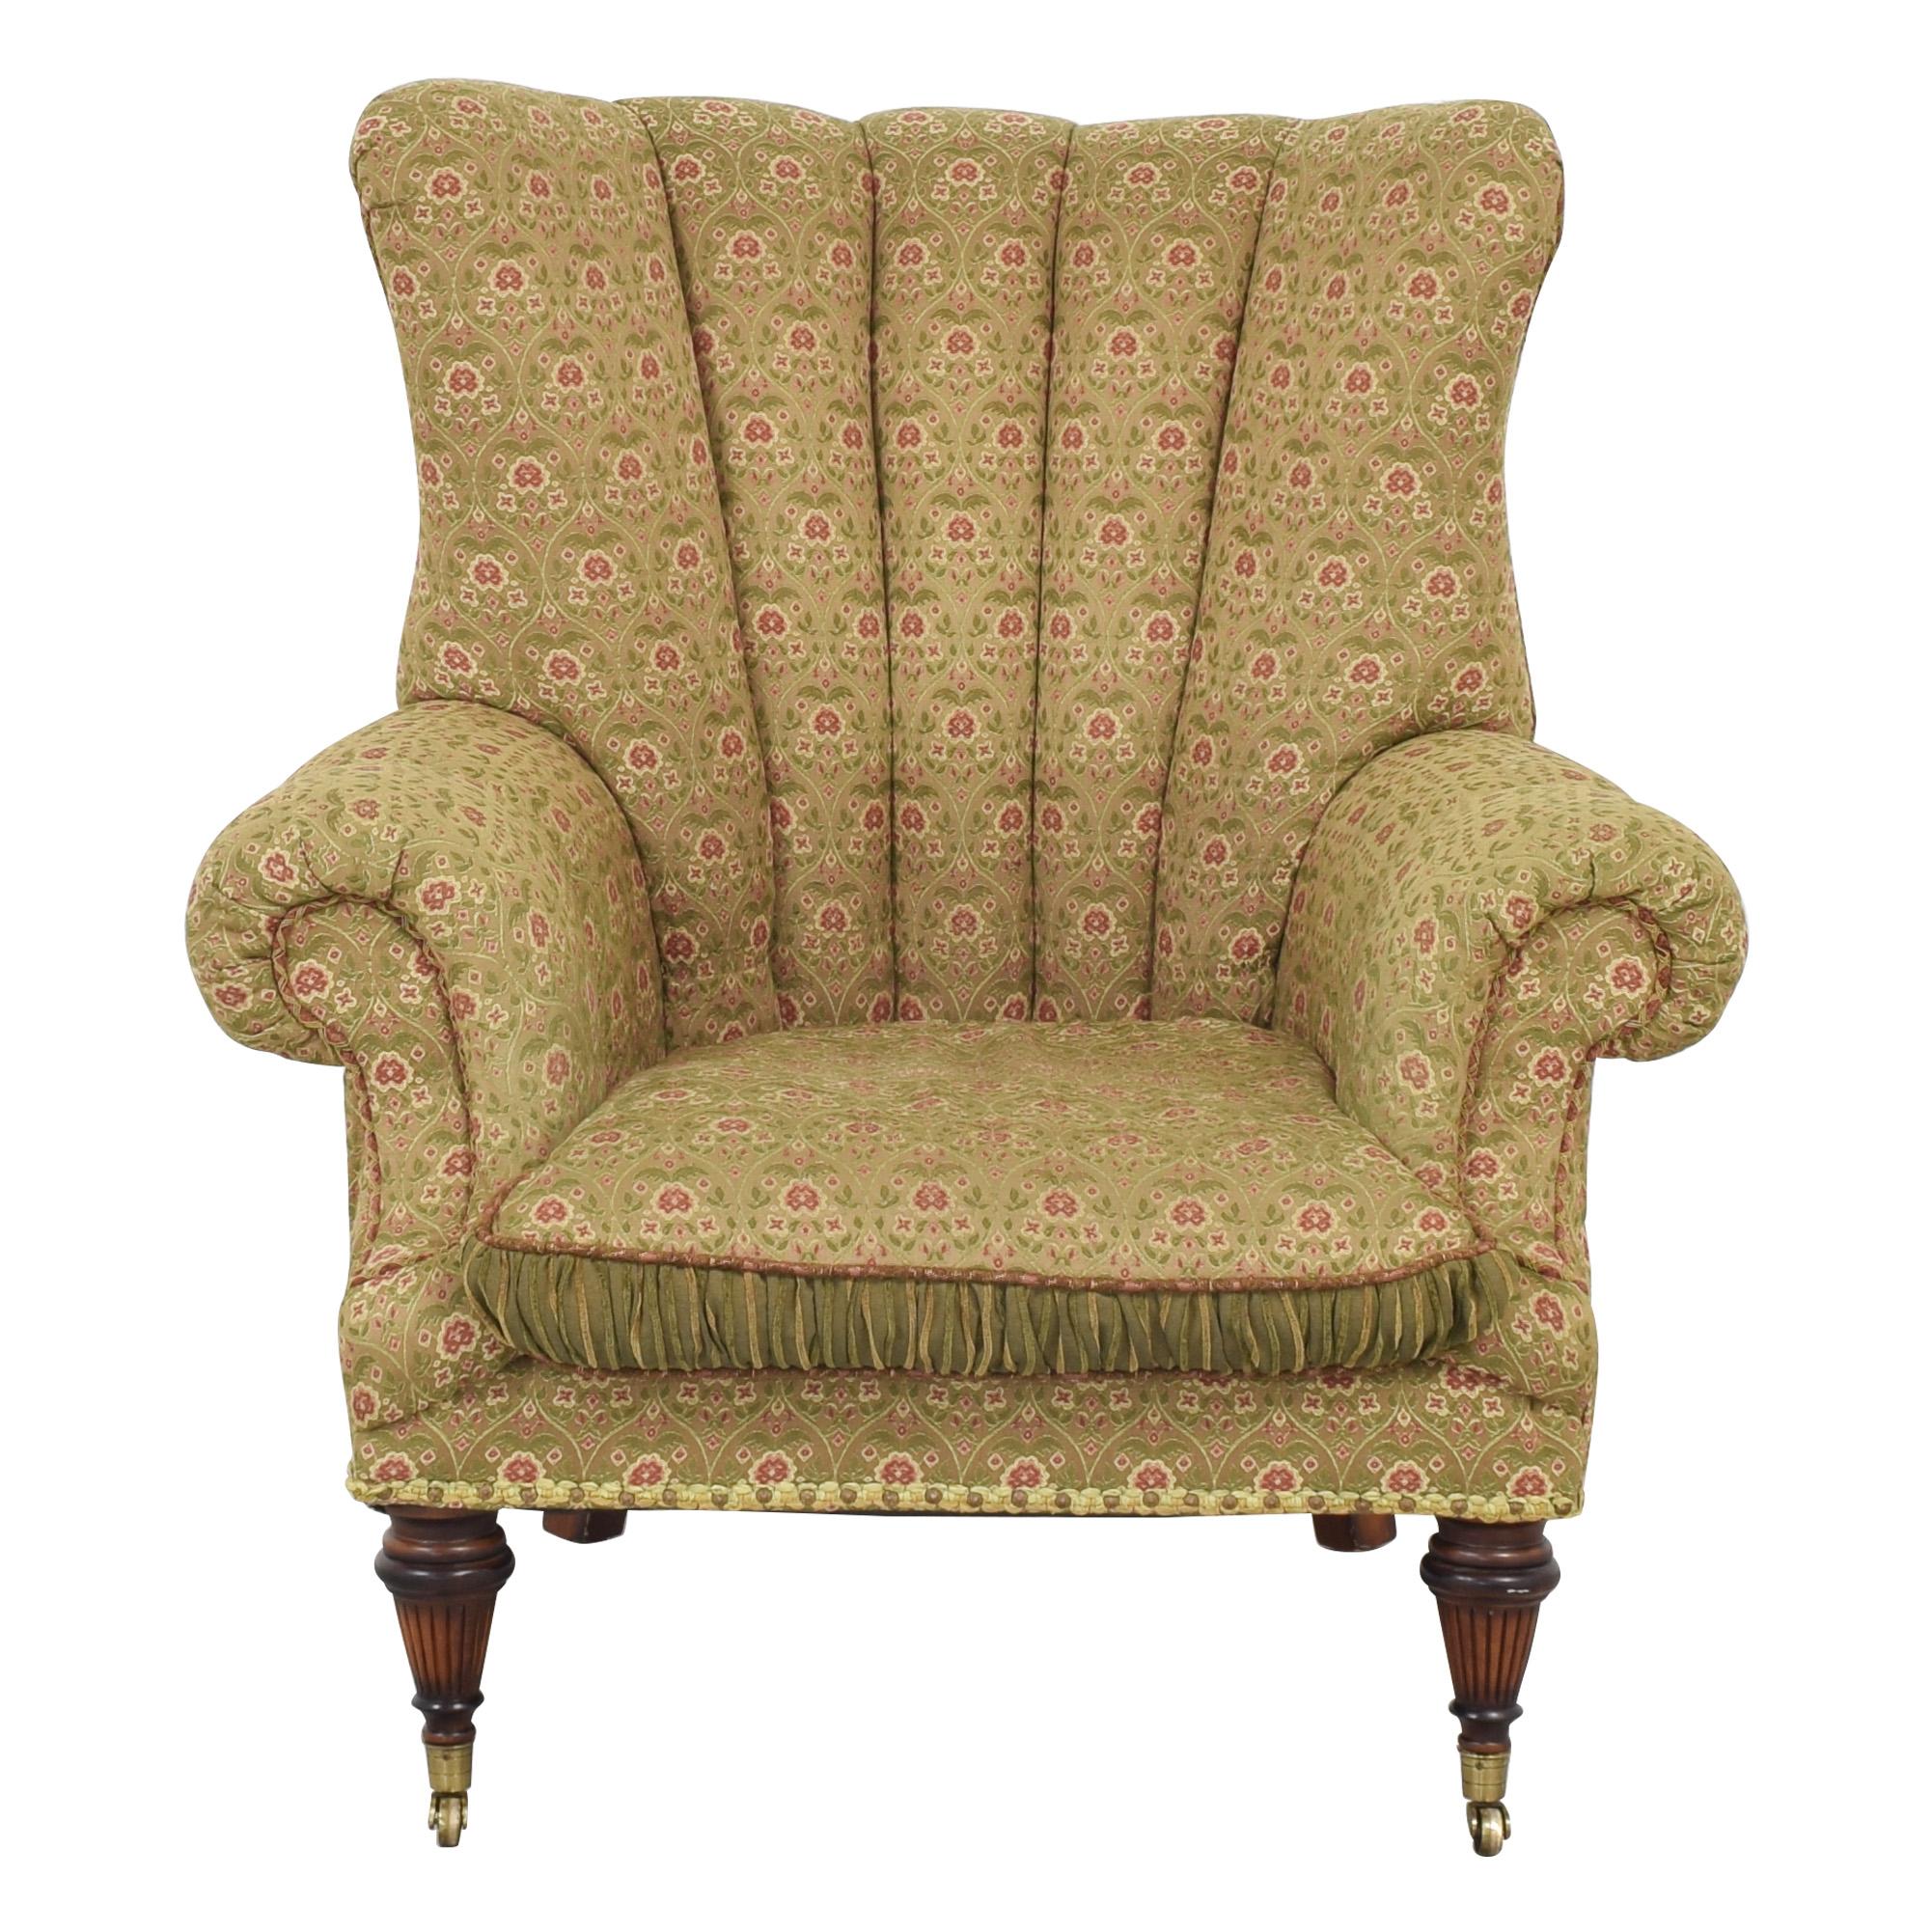 Key City Furniture Key City Jeff Zimmerman Wingback Lounge Chair multi